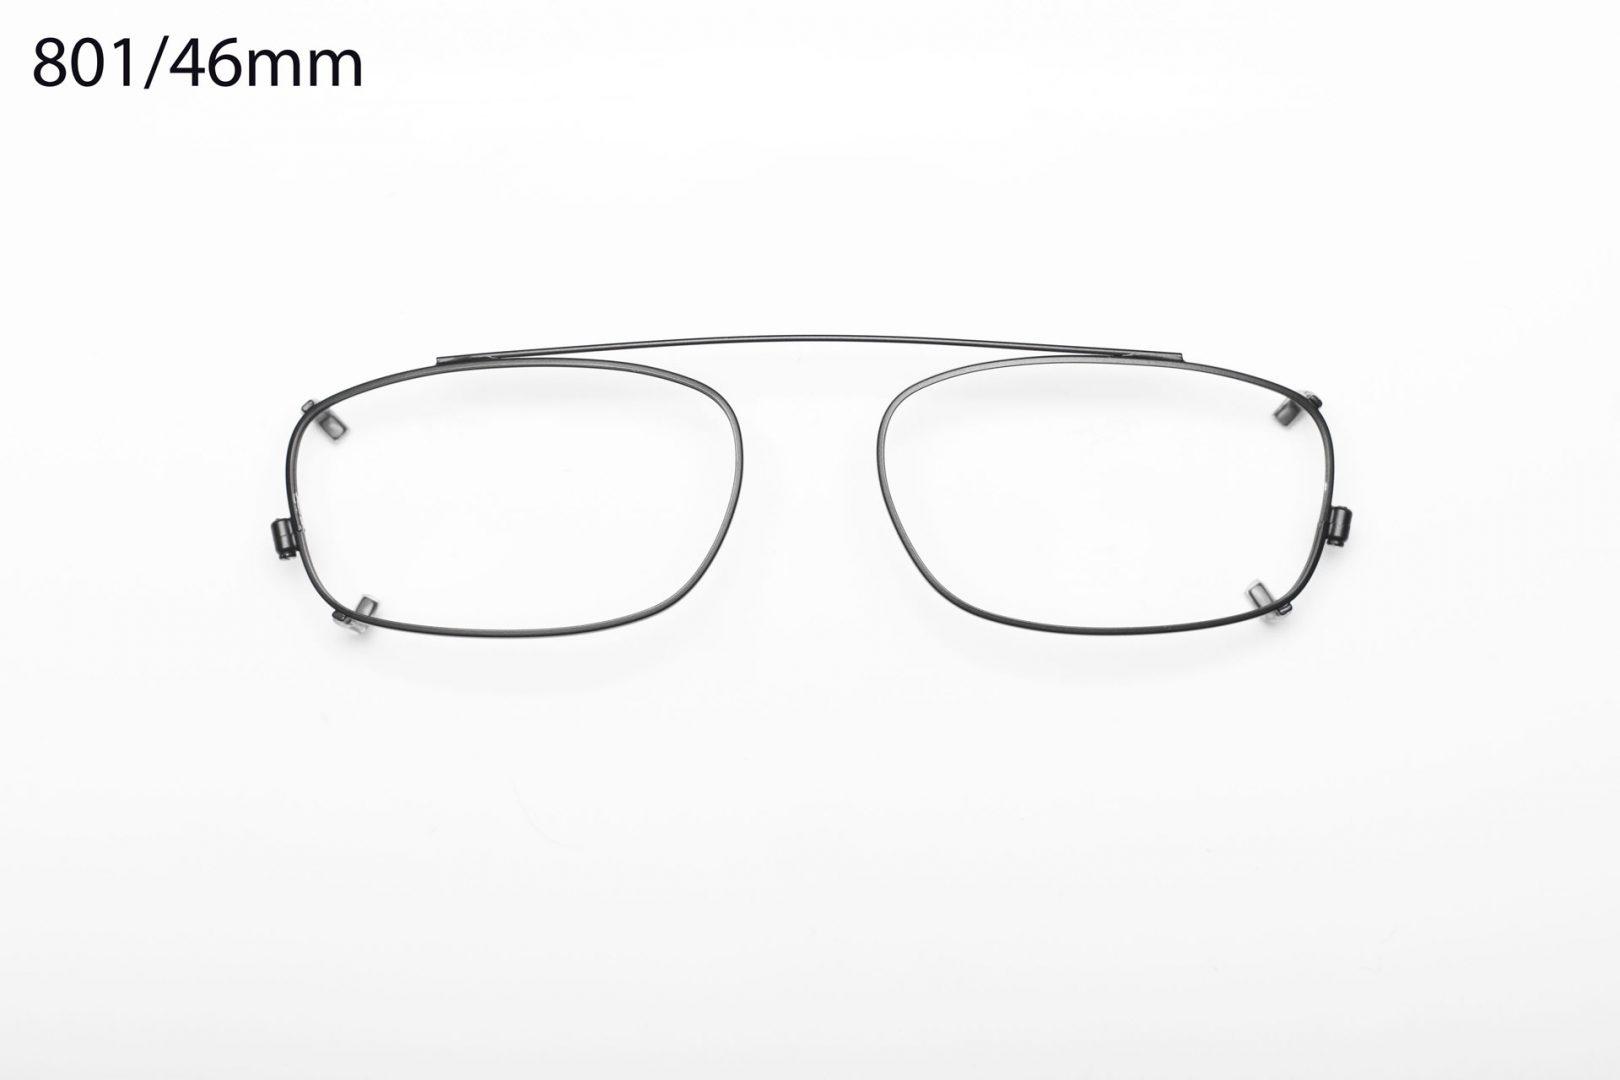 Modèle A51-80146mm